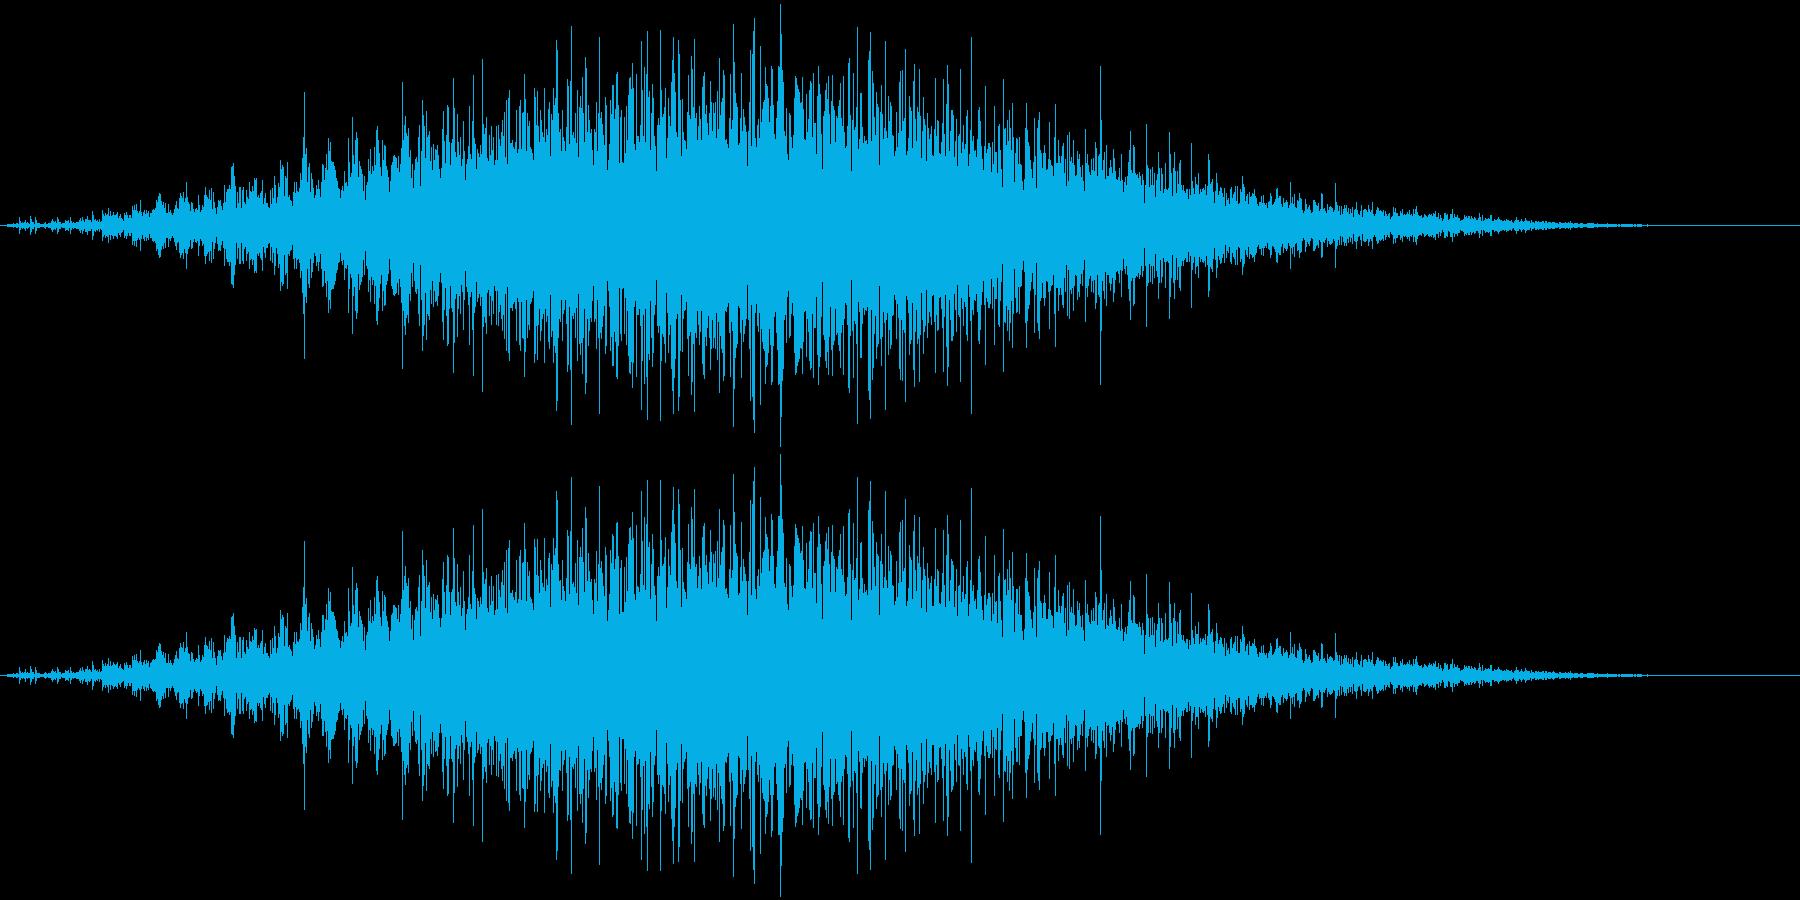 音侍SE「フルフル〜」軽快な振り鈴の音の再生済みの波形